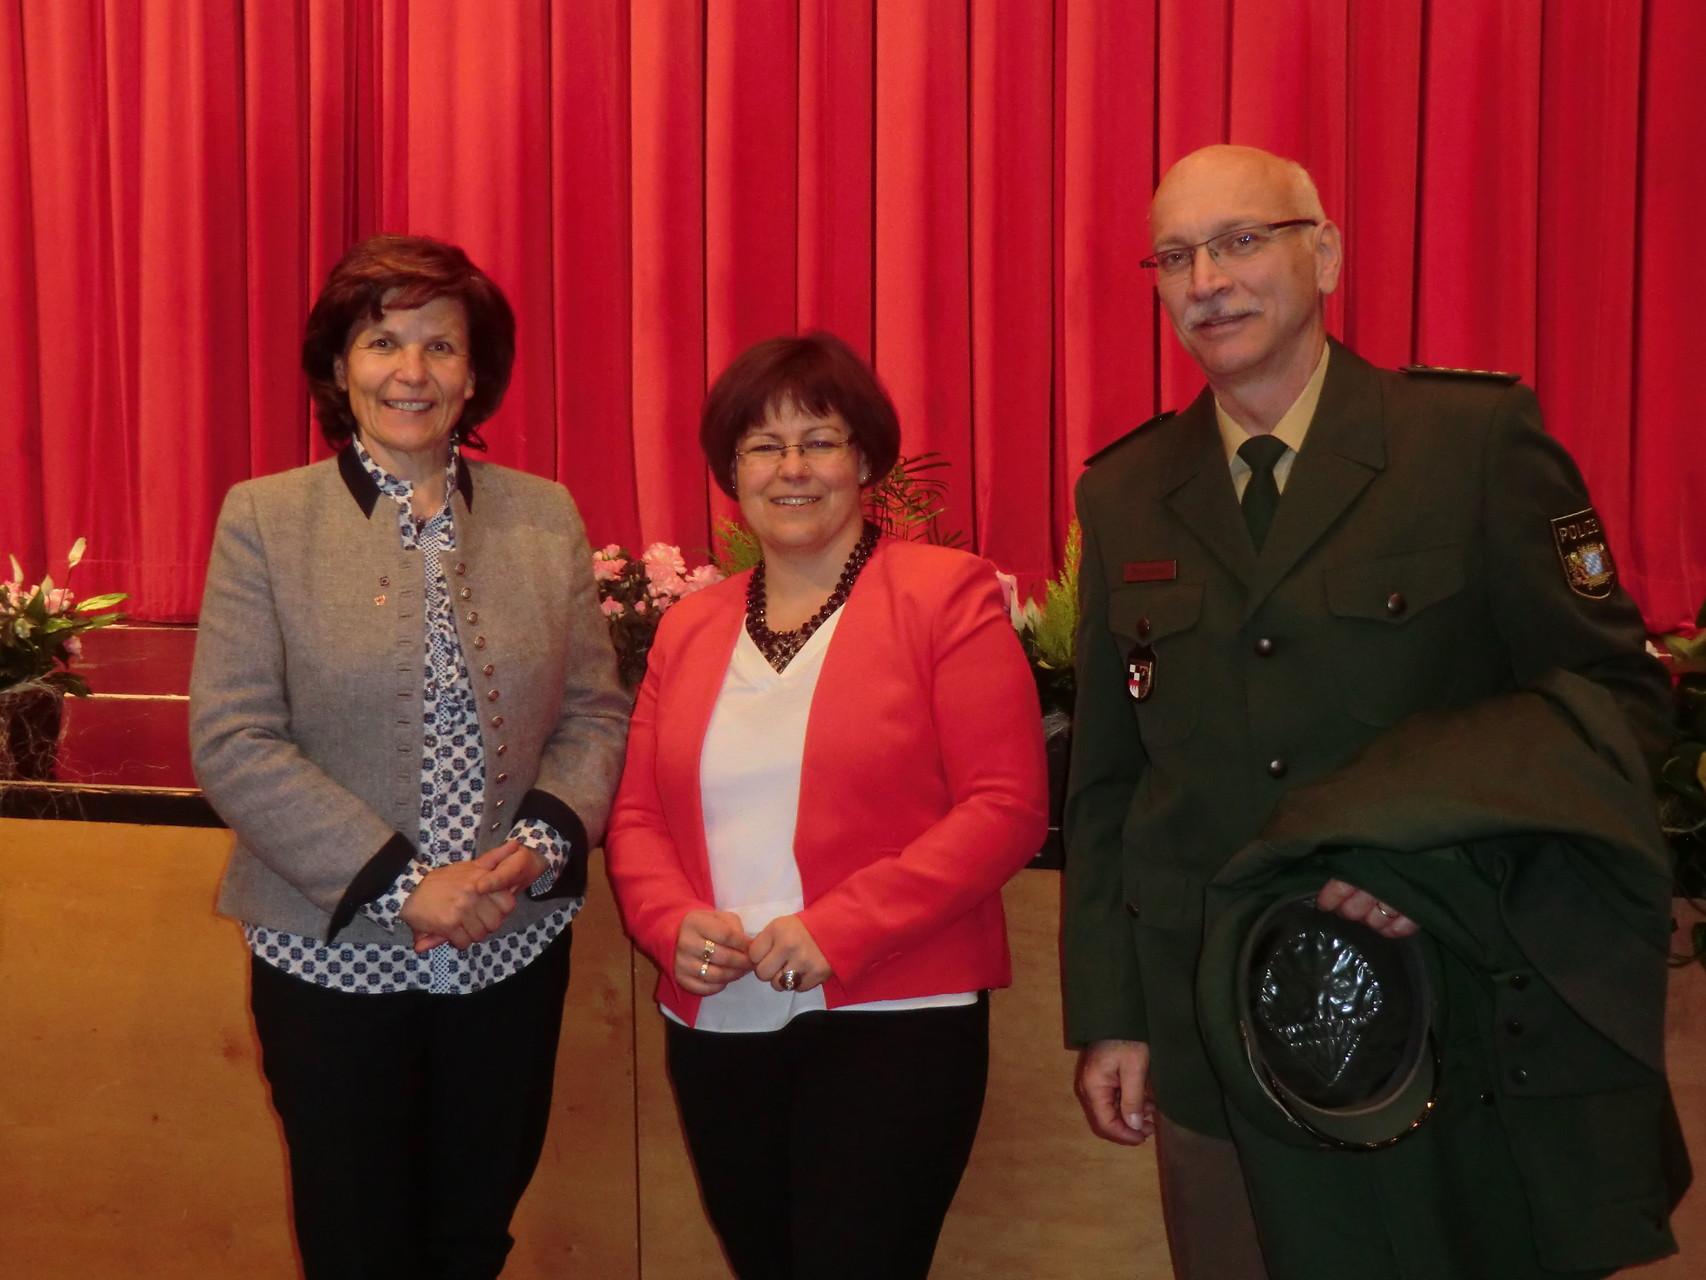 mit Maria Hochgruber Kuenzer und PHK Pastowski